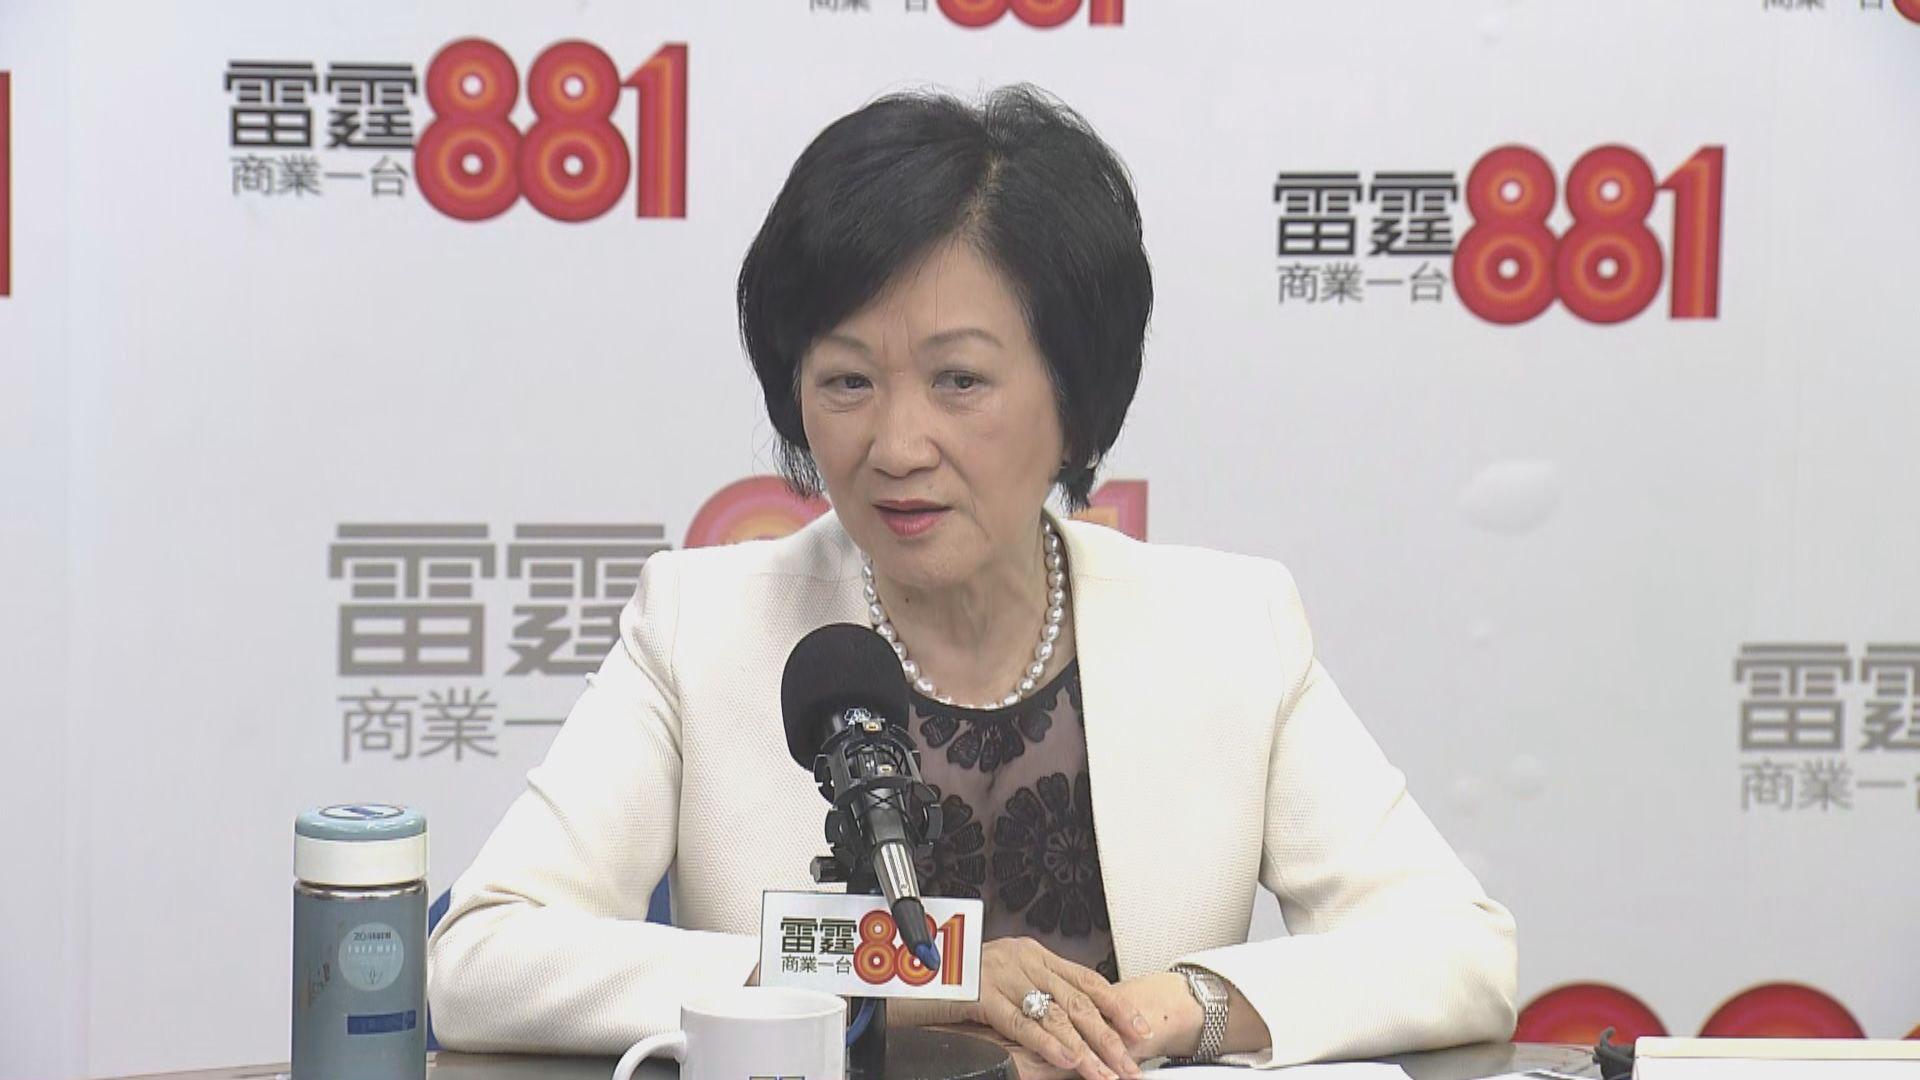 葉劉 : 反修例挑矛盾 打擊建制派選情